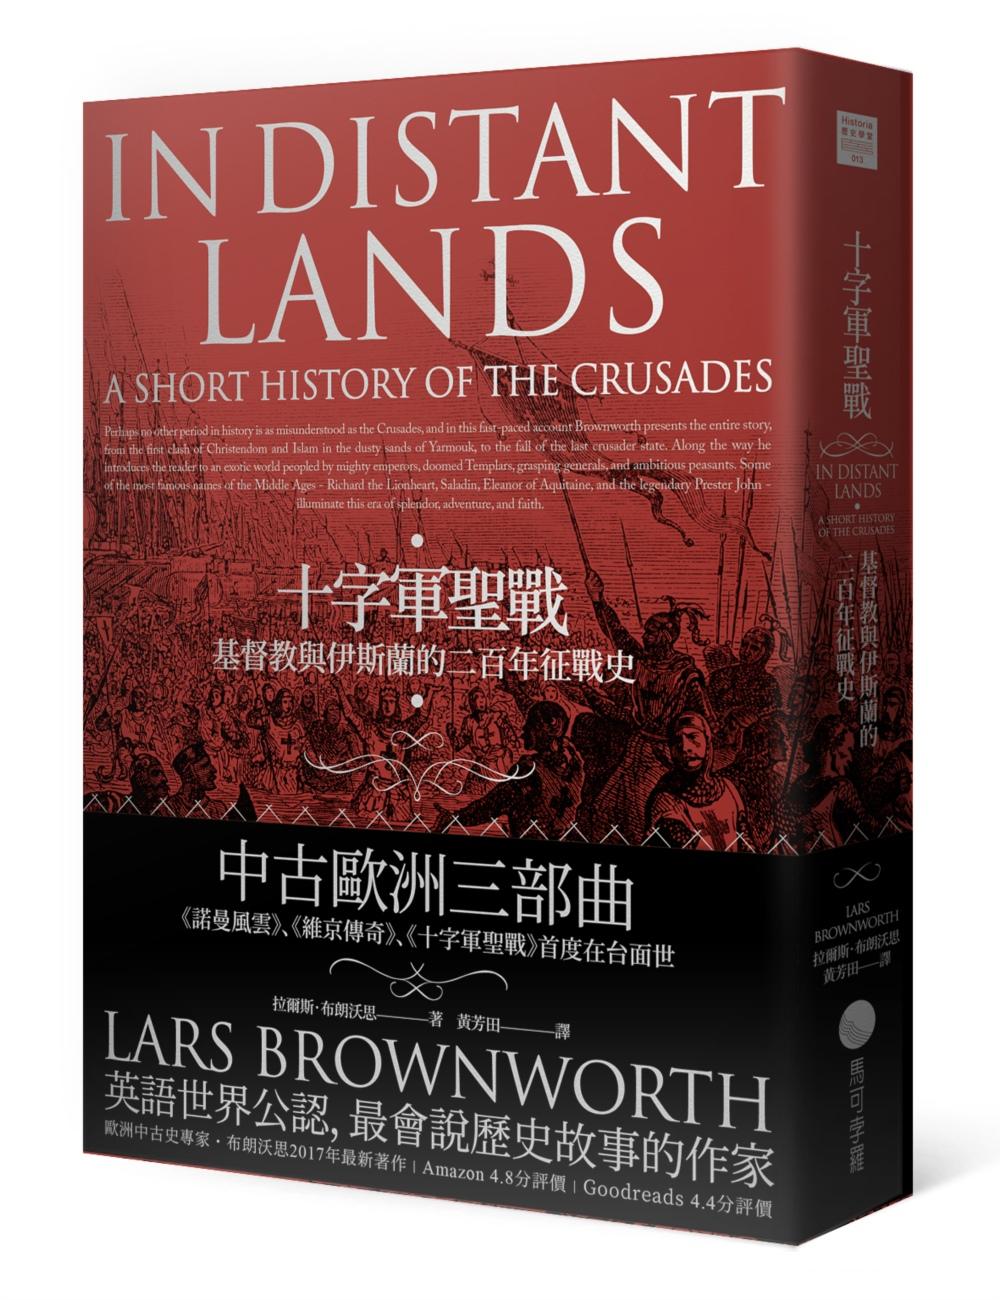 十字軍聖戰:基督教與伊斯蘭的二百年征戰史